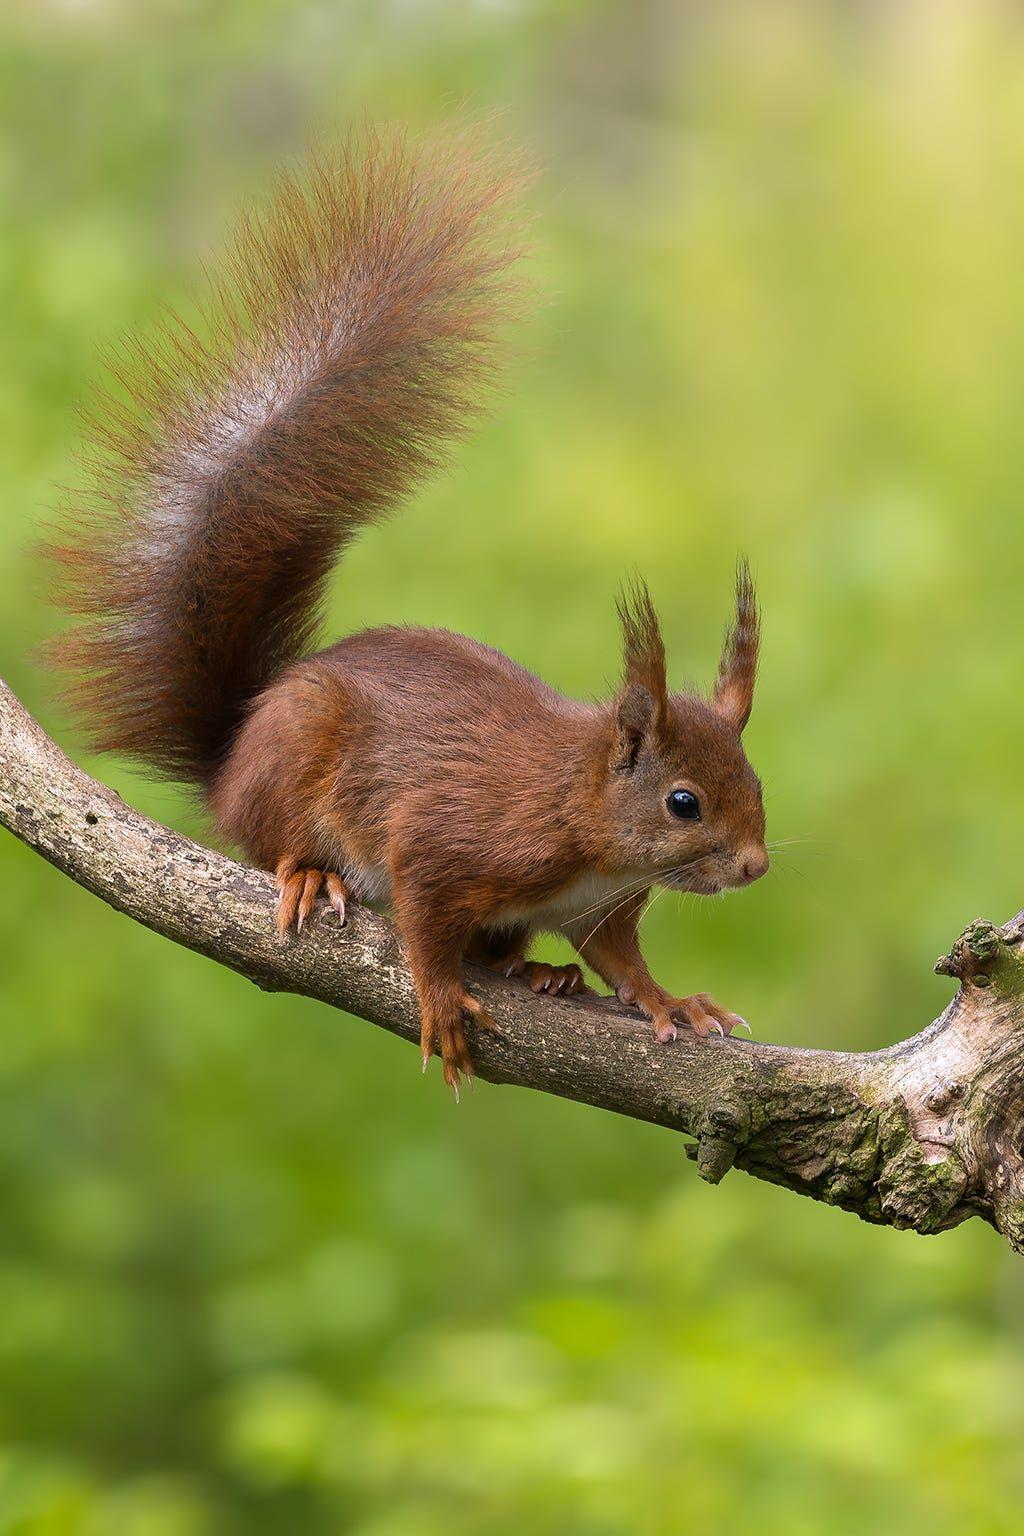 Red squirrel by Ivonne van Gool